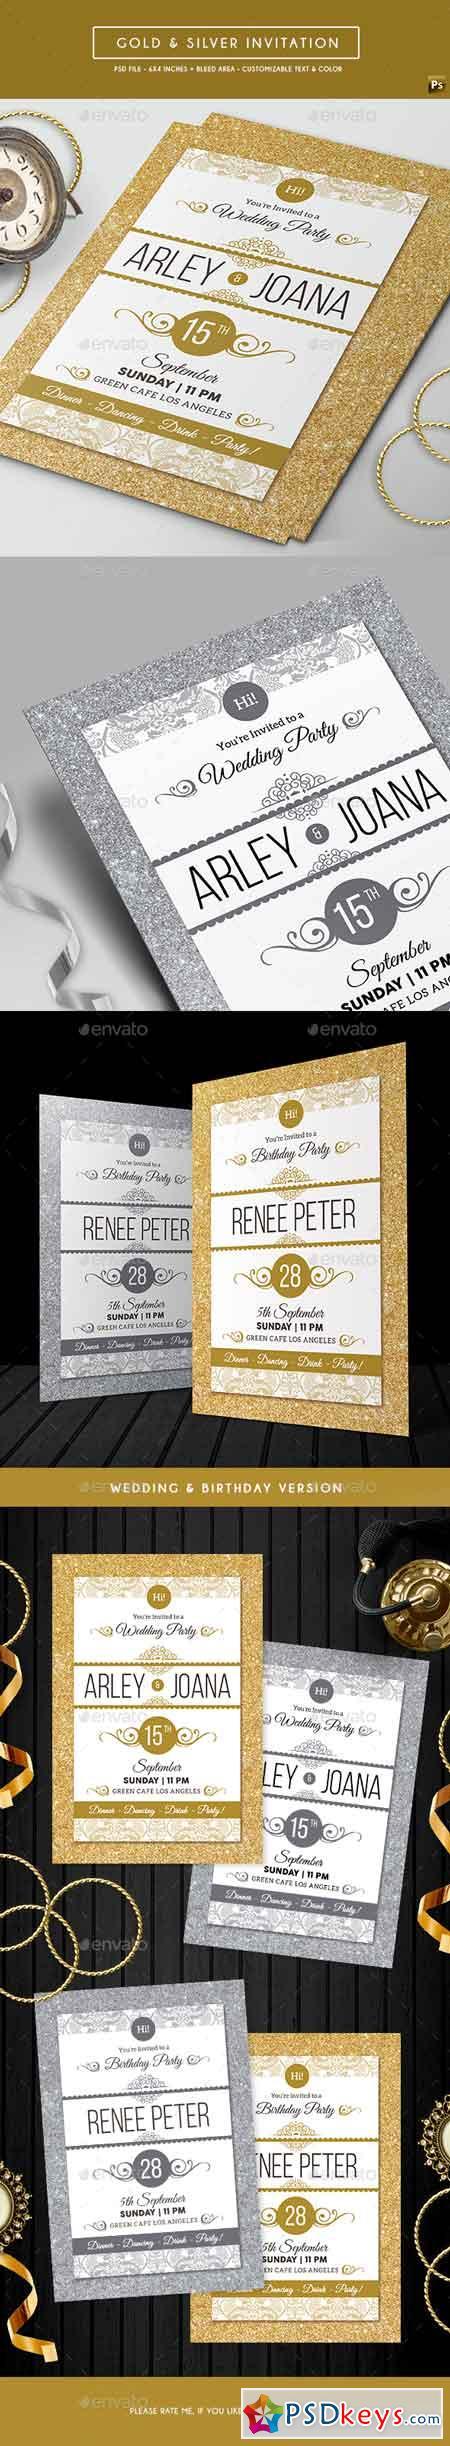 Gold & Silver Invitation 16901972